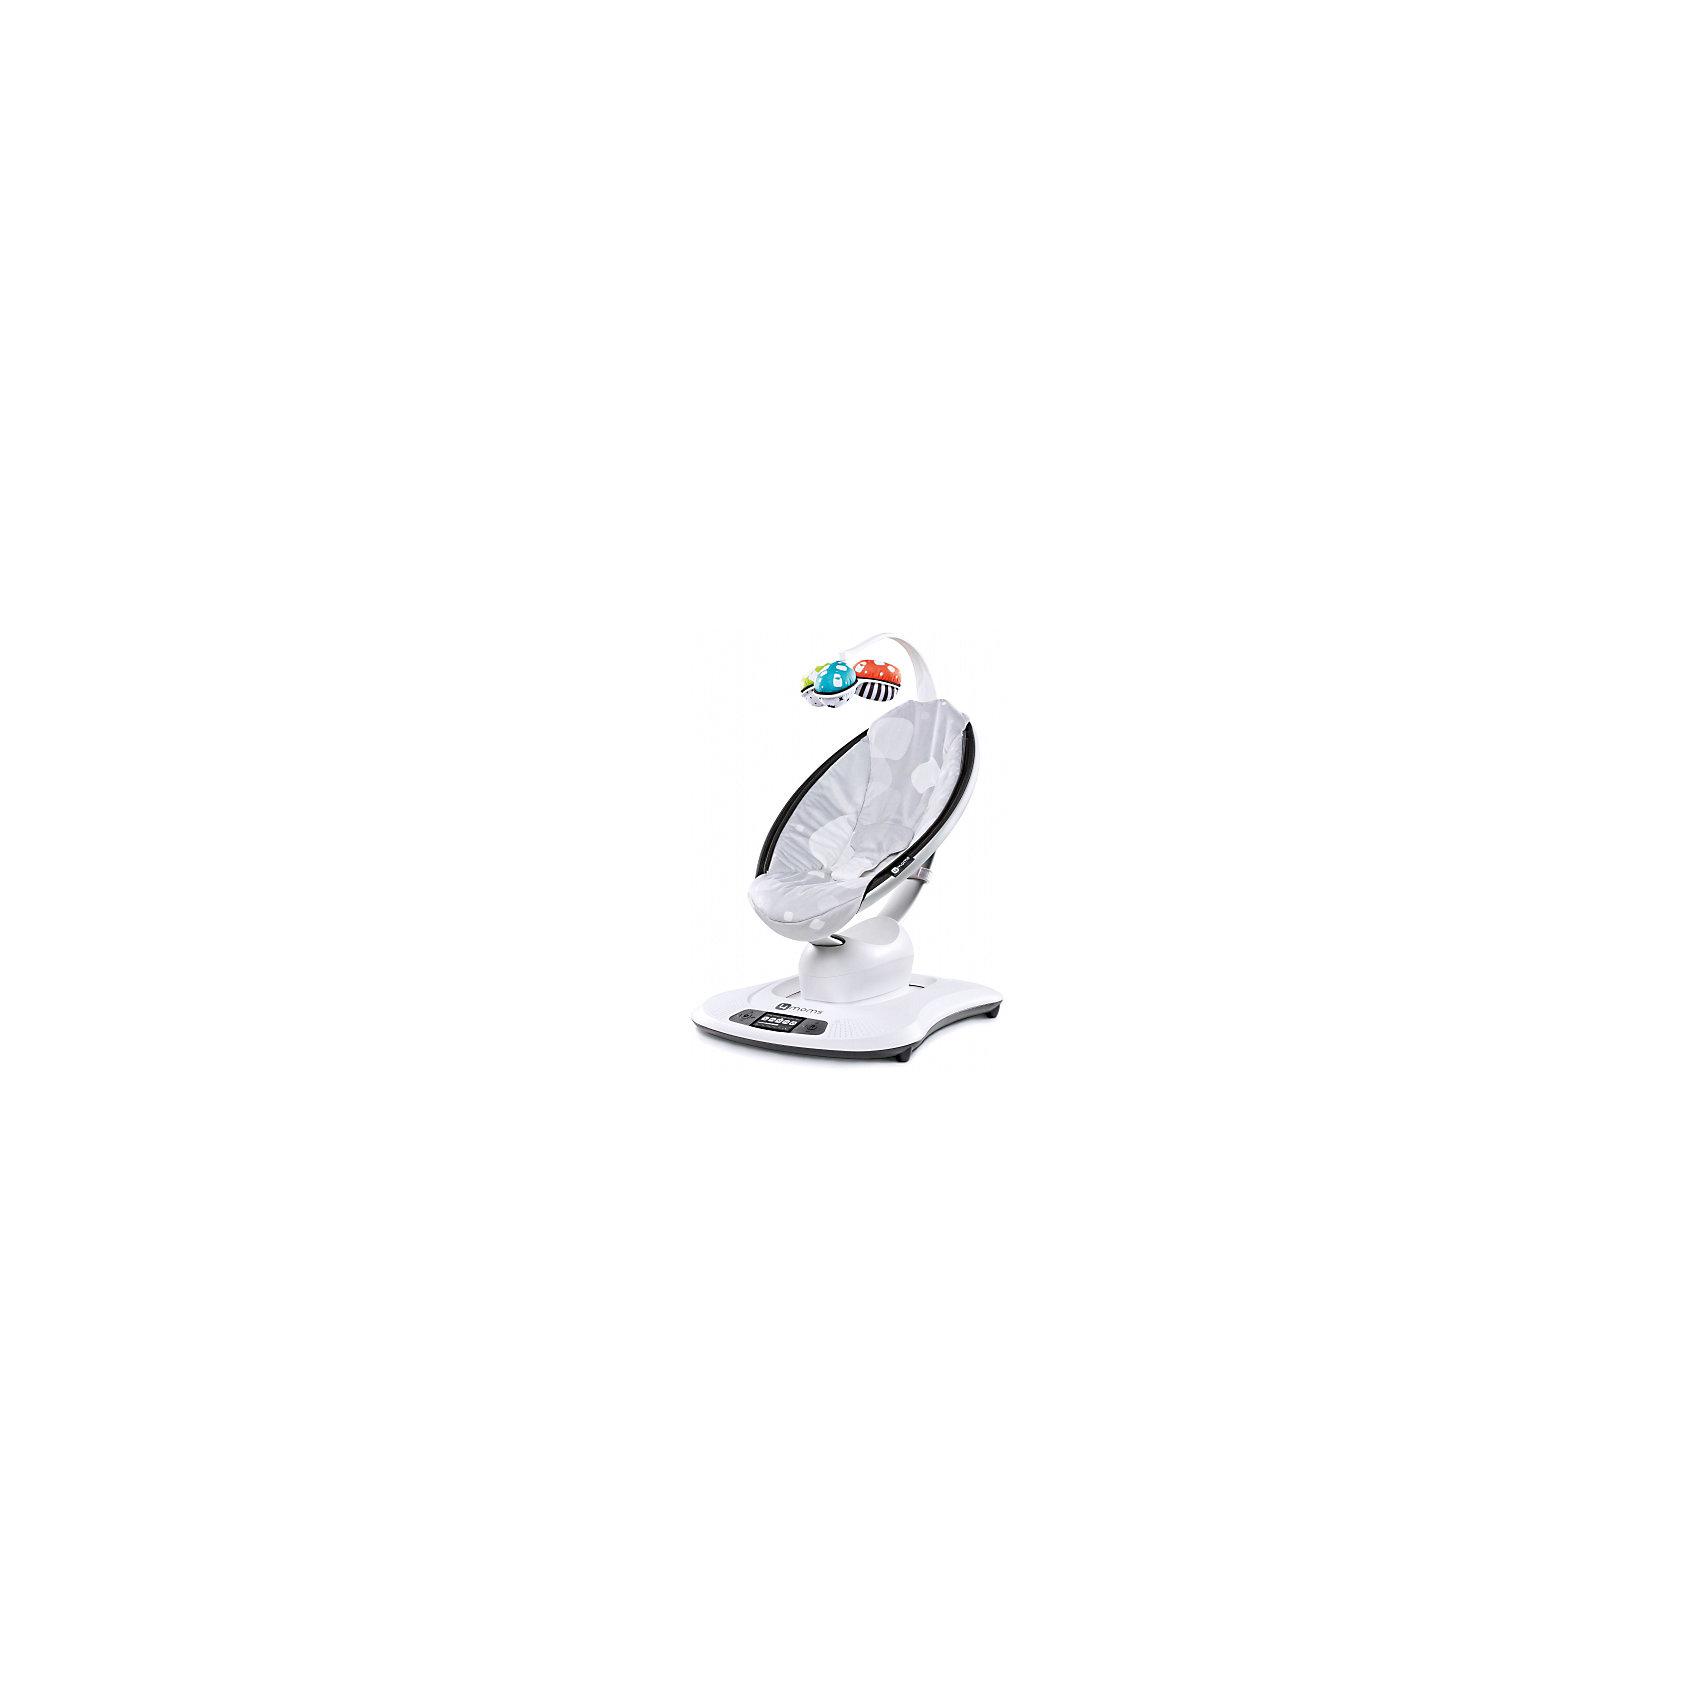 Кресло-качалка Mamaroo 3.0, 4Moms, серый плюшКресло-качалка Mamaroo - инновационное устройство, которое обязательно понравится и мамам, и малышам! Кресло имеет 5 режимов укачивания: повторяющих укачивание на родительских руках, имитирующих поездку в автомобиле, качели, волны и даже невысокие прыжки. Эргономичная люлька позволяет малышам принимать естественное положение, яркие игрушки развлекут кроху и не позволяет ему скучать. Кресло оснащено музыкальным блоком с приятными успокаивающими звуками природы. Управляется кресло - качалка двумя способами: с помощью панели на передней части у основания или же удаленно, посредством своего смартфона или планшета (в этом случае вам потребуется установить на своем гаджете специальное приложение).<br><br>Дополнительная информация:<br><br>- Материал: пластик, металл, текстиль.<br>- Размер упаковки: 56х67х24 см.<br>- Максимальный вес ребенка: 11 кг.<br>- Простое управление (с панели на кресле или же смартфона).<br>- Устойчивая конструкция.<br>- Безопасность (функция автоматической блокировки работы в случае появления препятствий).<br>- Панель управления с ЖК-дисплеем.<br>- Эргономичное мягкое сиденье.<br>- 3 уровня наклона люльки.<br>- Поворотный мобиль с игрушками.<br>- Внутренний ремень безопасности.<br>- Возможность подключения MP3-плеера и смартфона<br>- Работает от сети.<br>- Съемный чехол на люльку (возможна деликатная стирка).<br><br>Кресло-качалку Mamaroo 3.0, 4Moms (Фомамс), серый плюш, можно купить в нашем магазине.<br><br>Ширина мм: 560<br>Глубина мм: 670<br>Высота мм: 240<br>Вес г: 10000<br>Возраст от месяцев: 0<br>Возраст до месяцев: 24<br>Пол: Унисекс<br>Возраст: Детский<br>SKU: 4697864